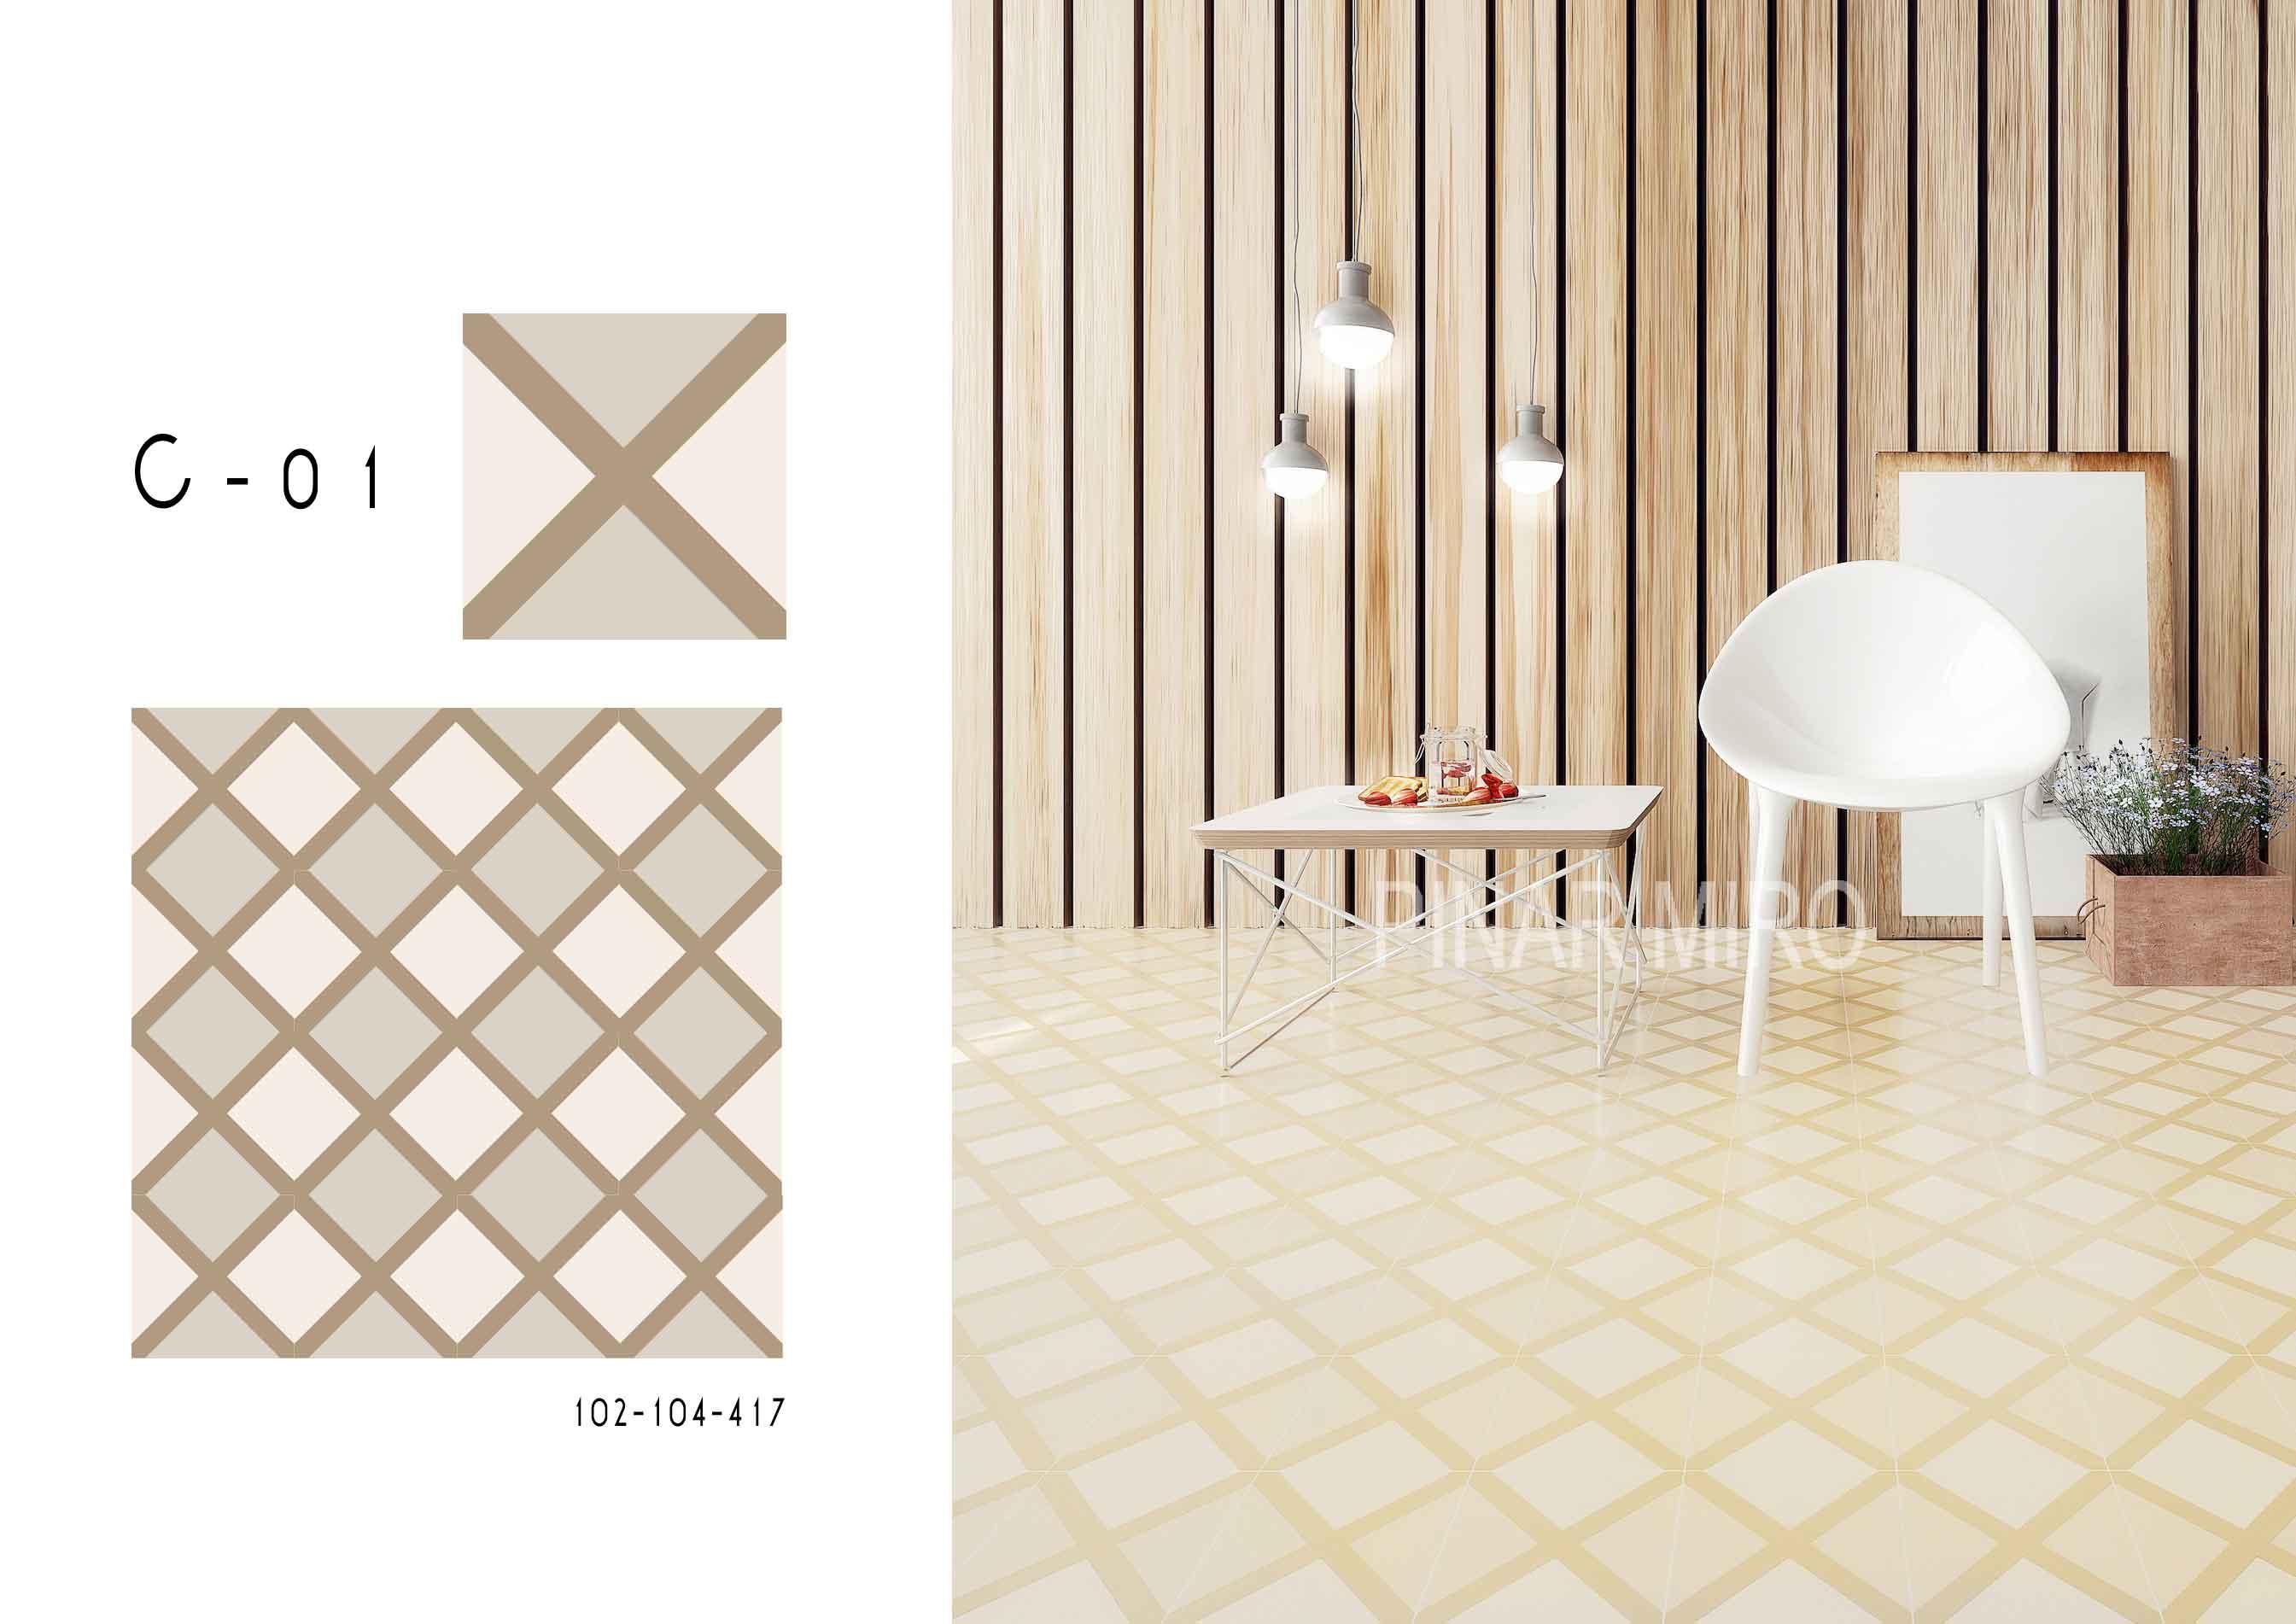 2-c01-pinar-miro-cement-tiles